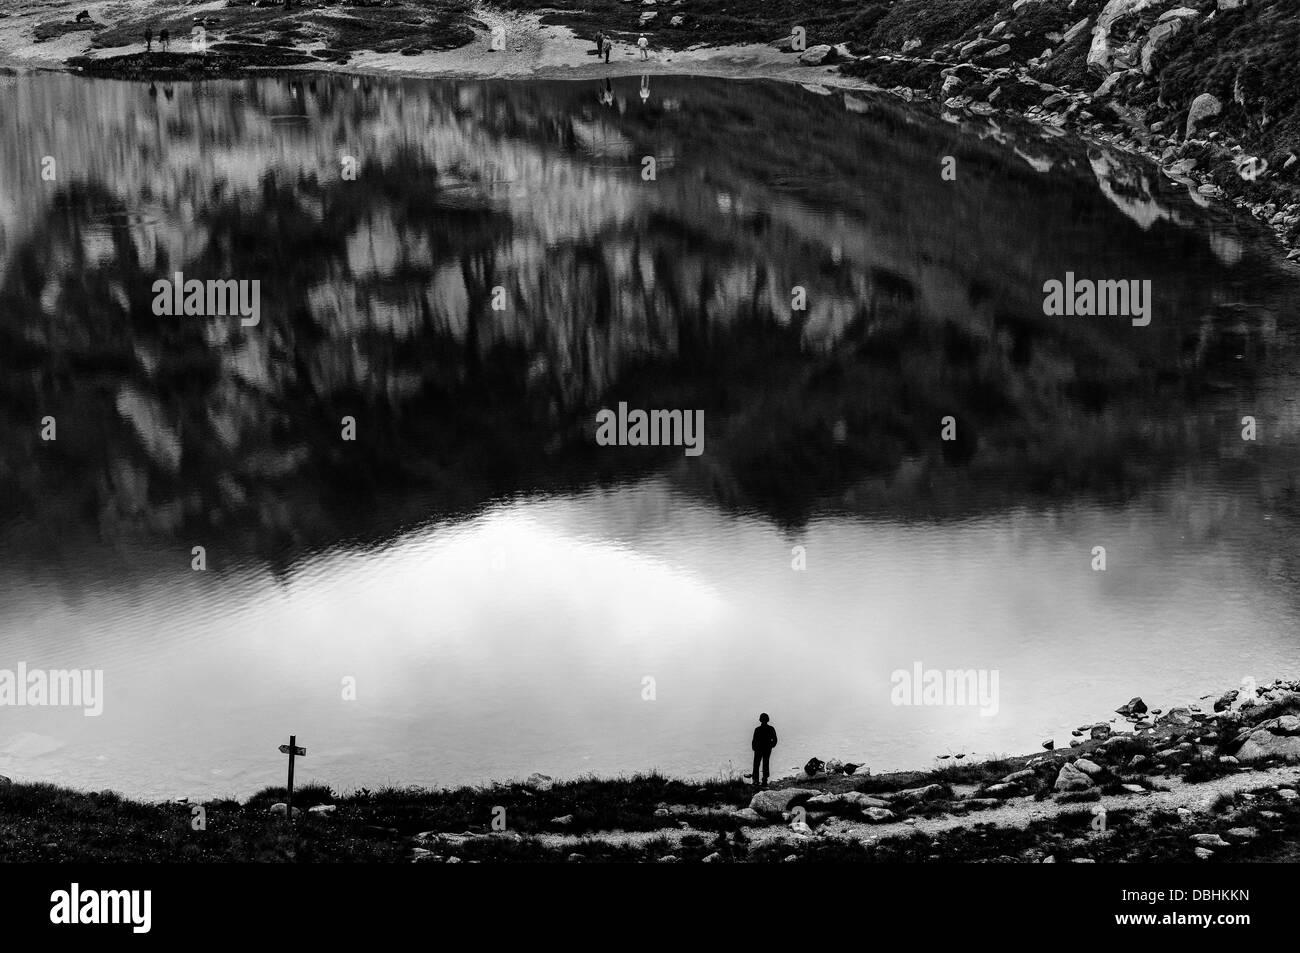 Italien. Ein Mann steht neben einem ruhigen und friedlichen See allein. Stockbild